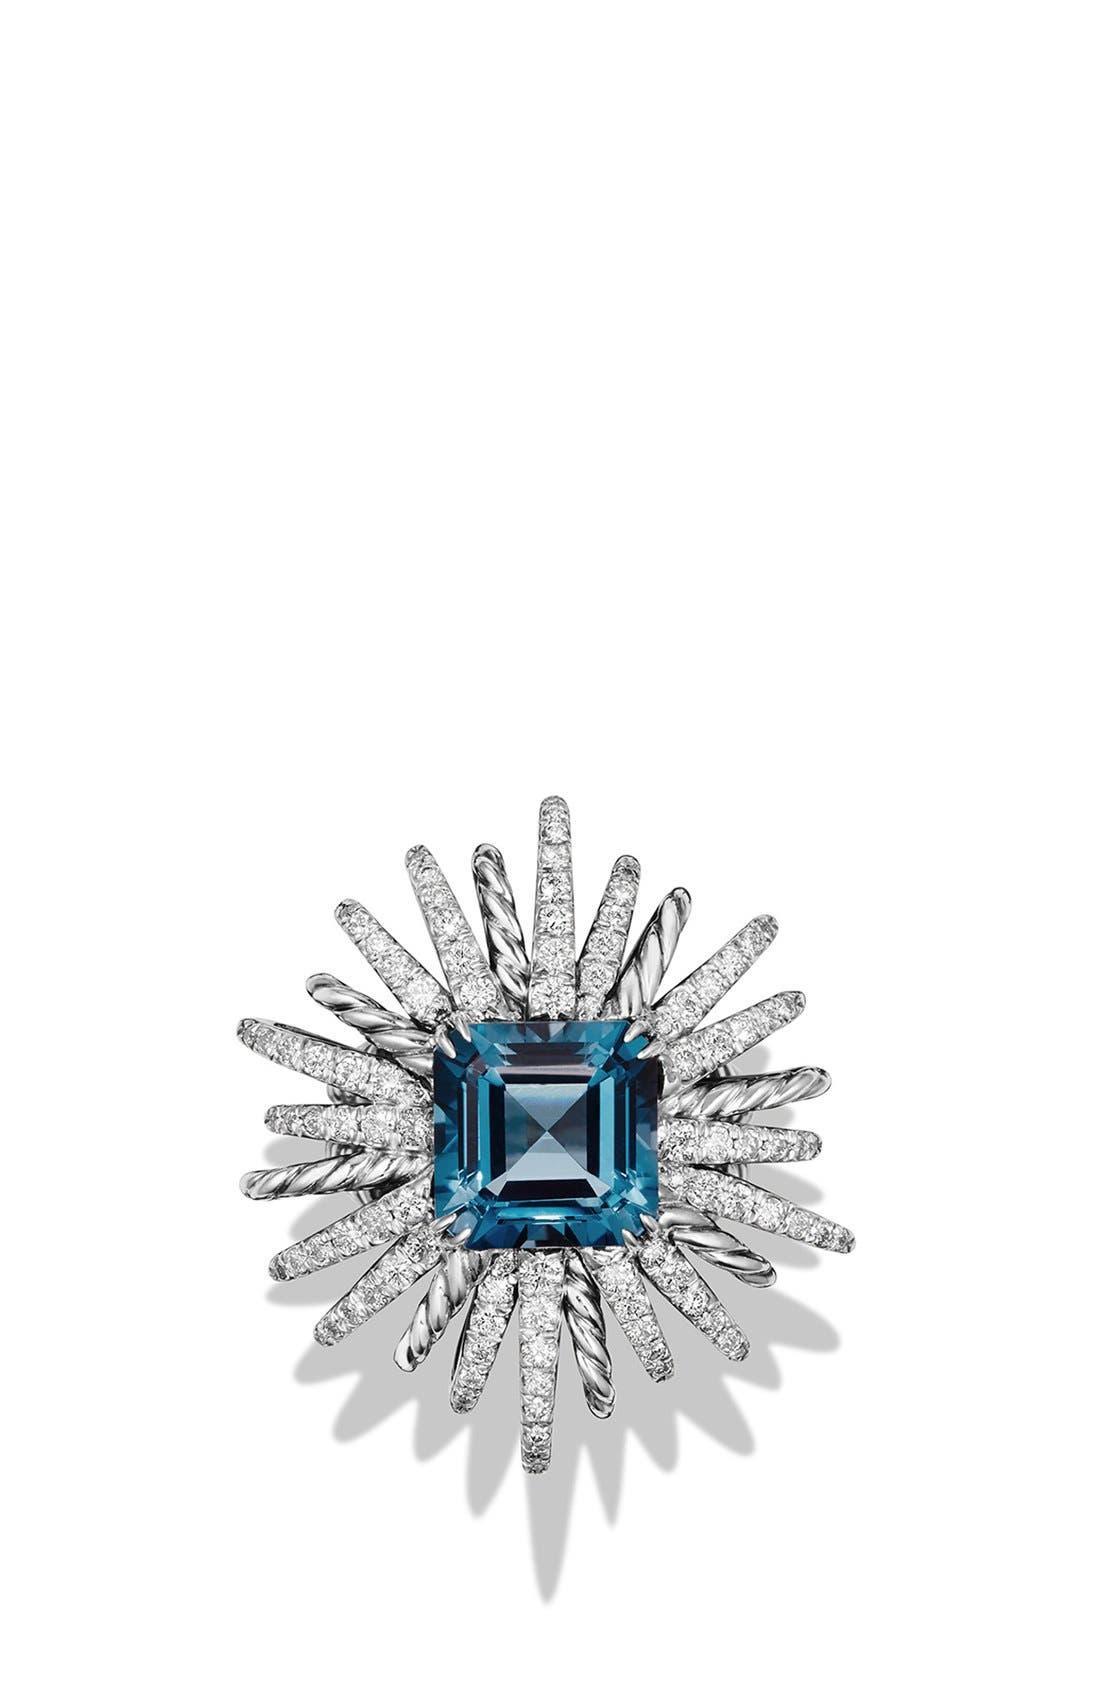 Alternate Image 2  - David Yurman 'Starburst' Ring with Semiprecious Stone and Diamonds